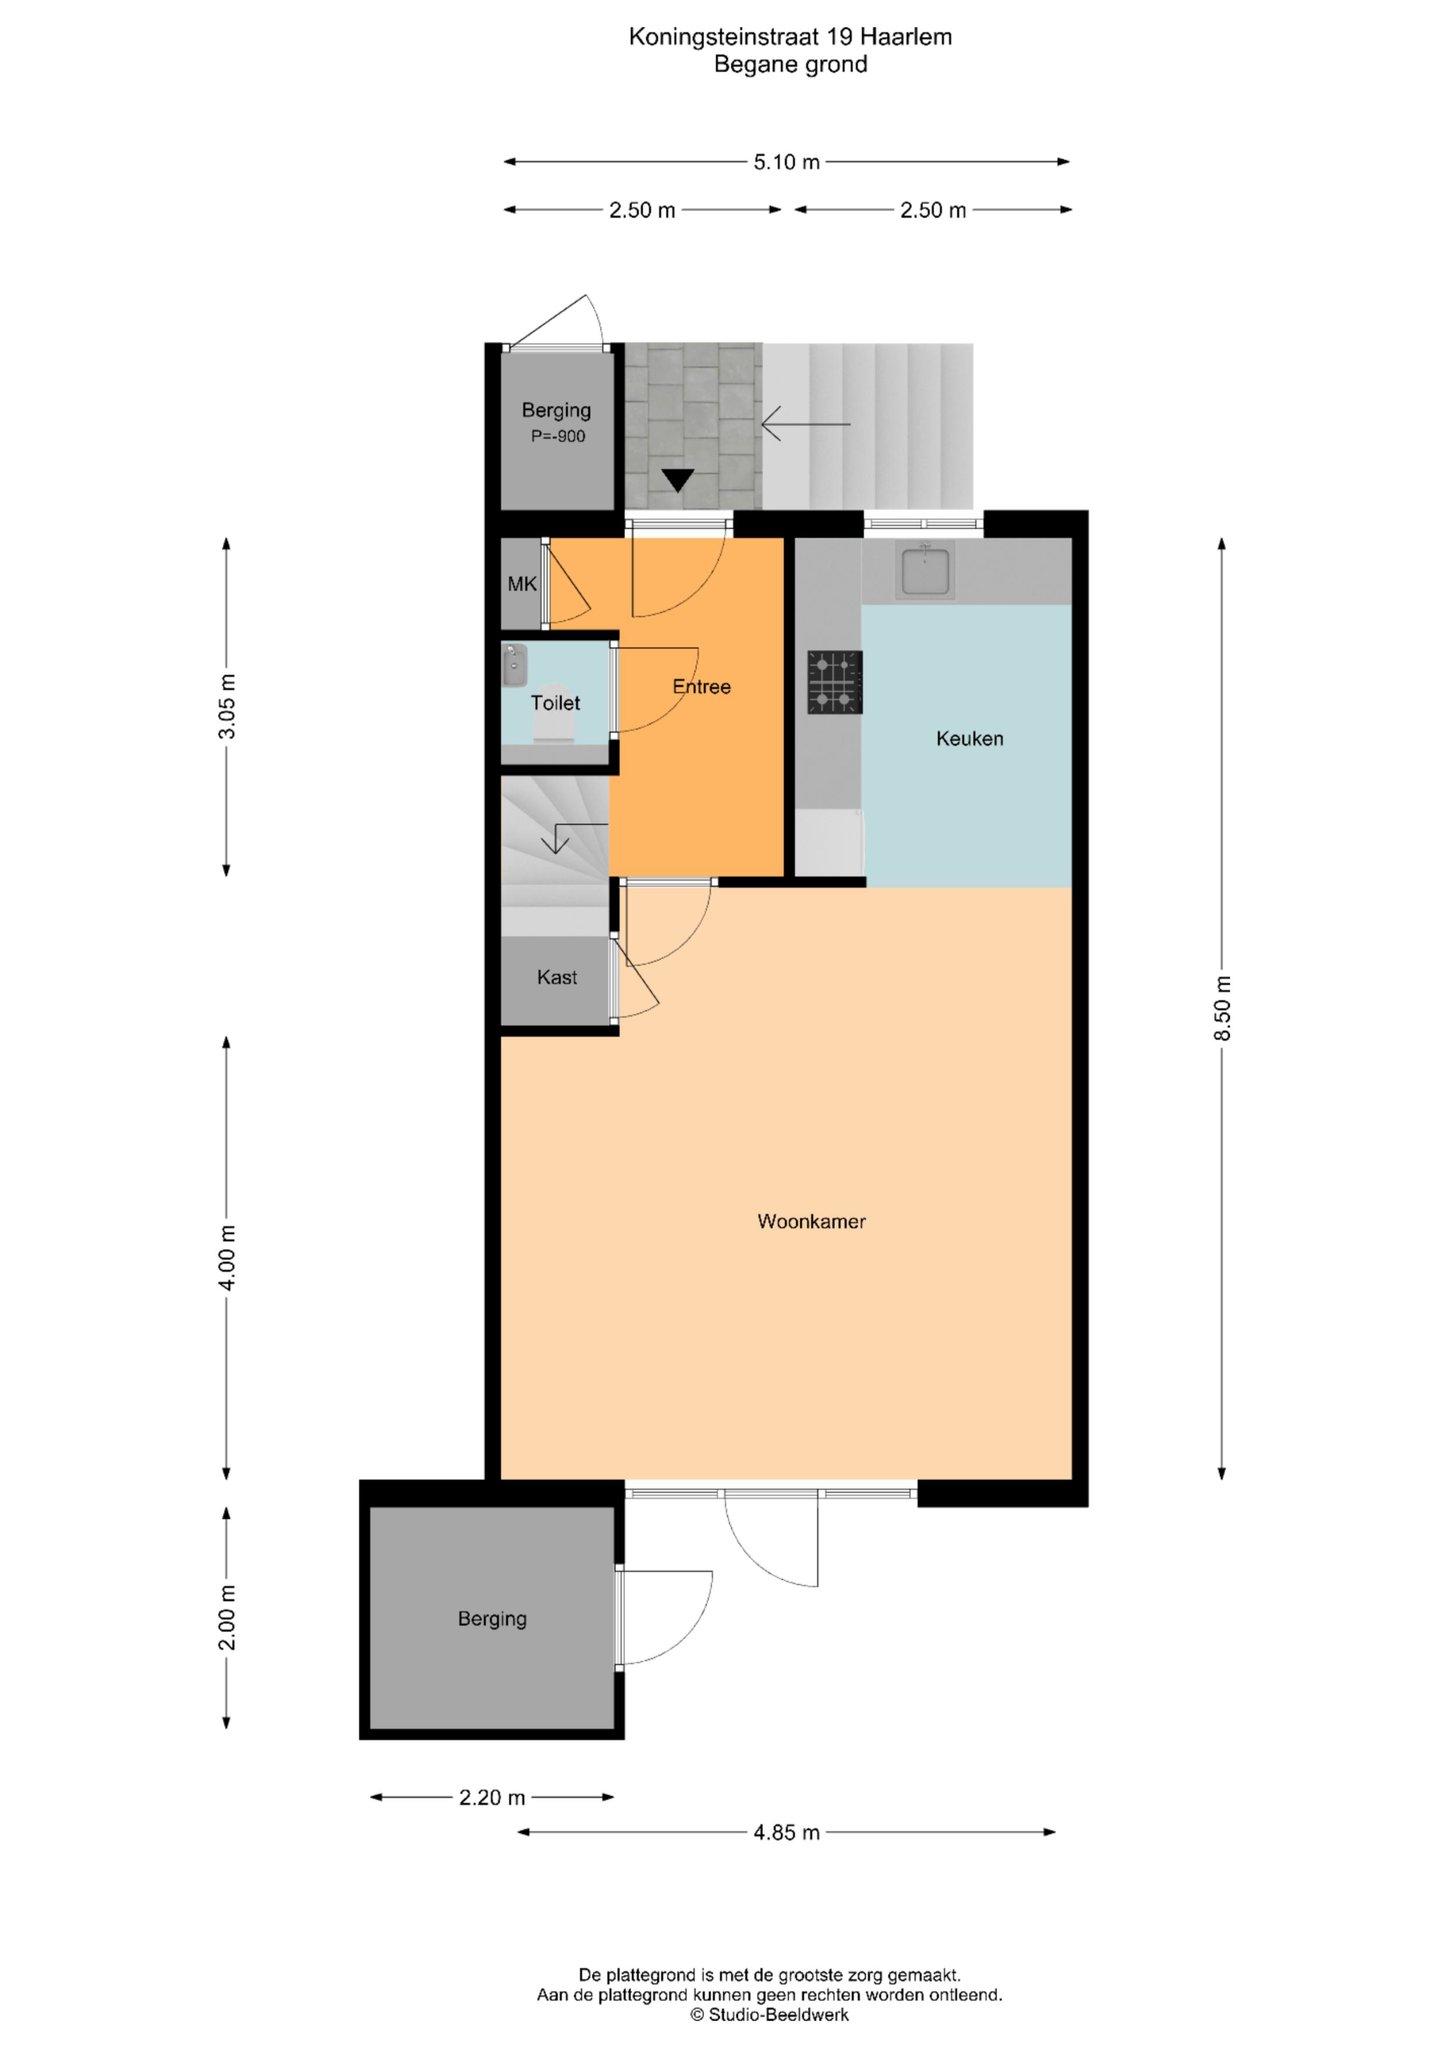 Haarlem – Koningsteinstraat 19 – Plattegrond 2